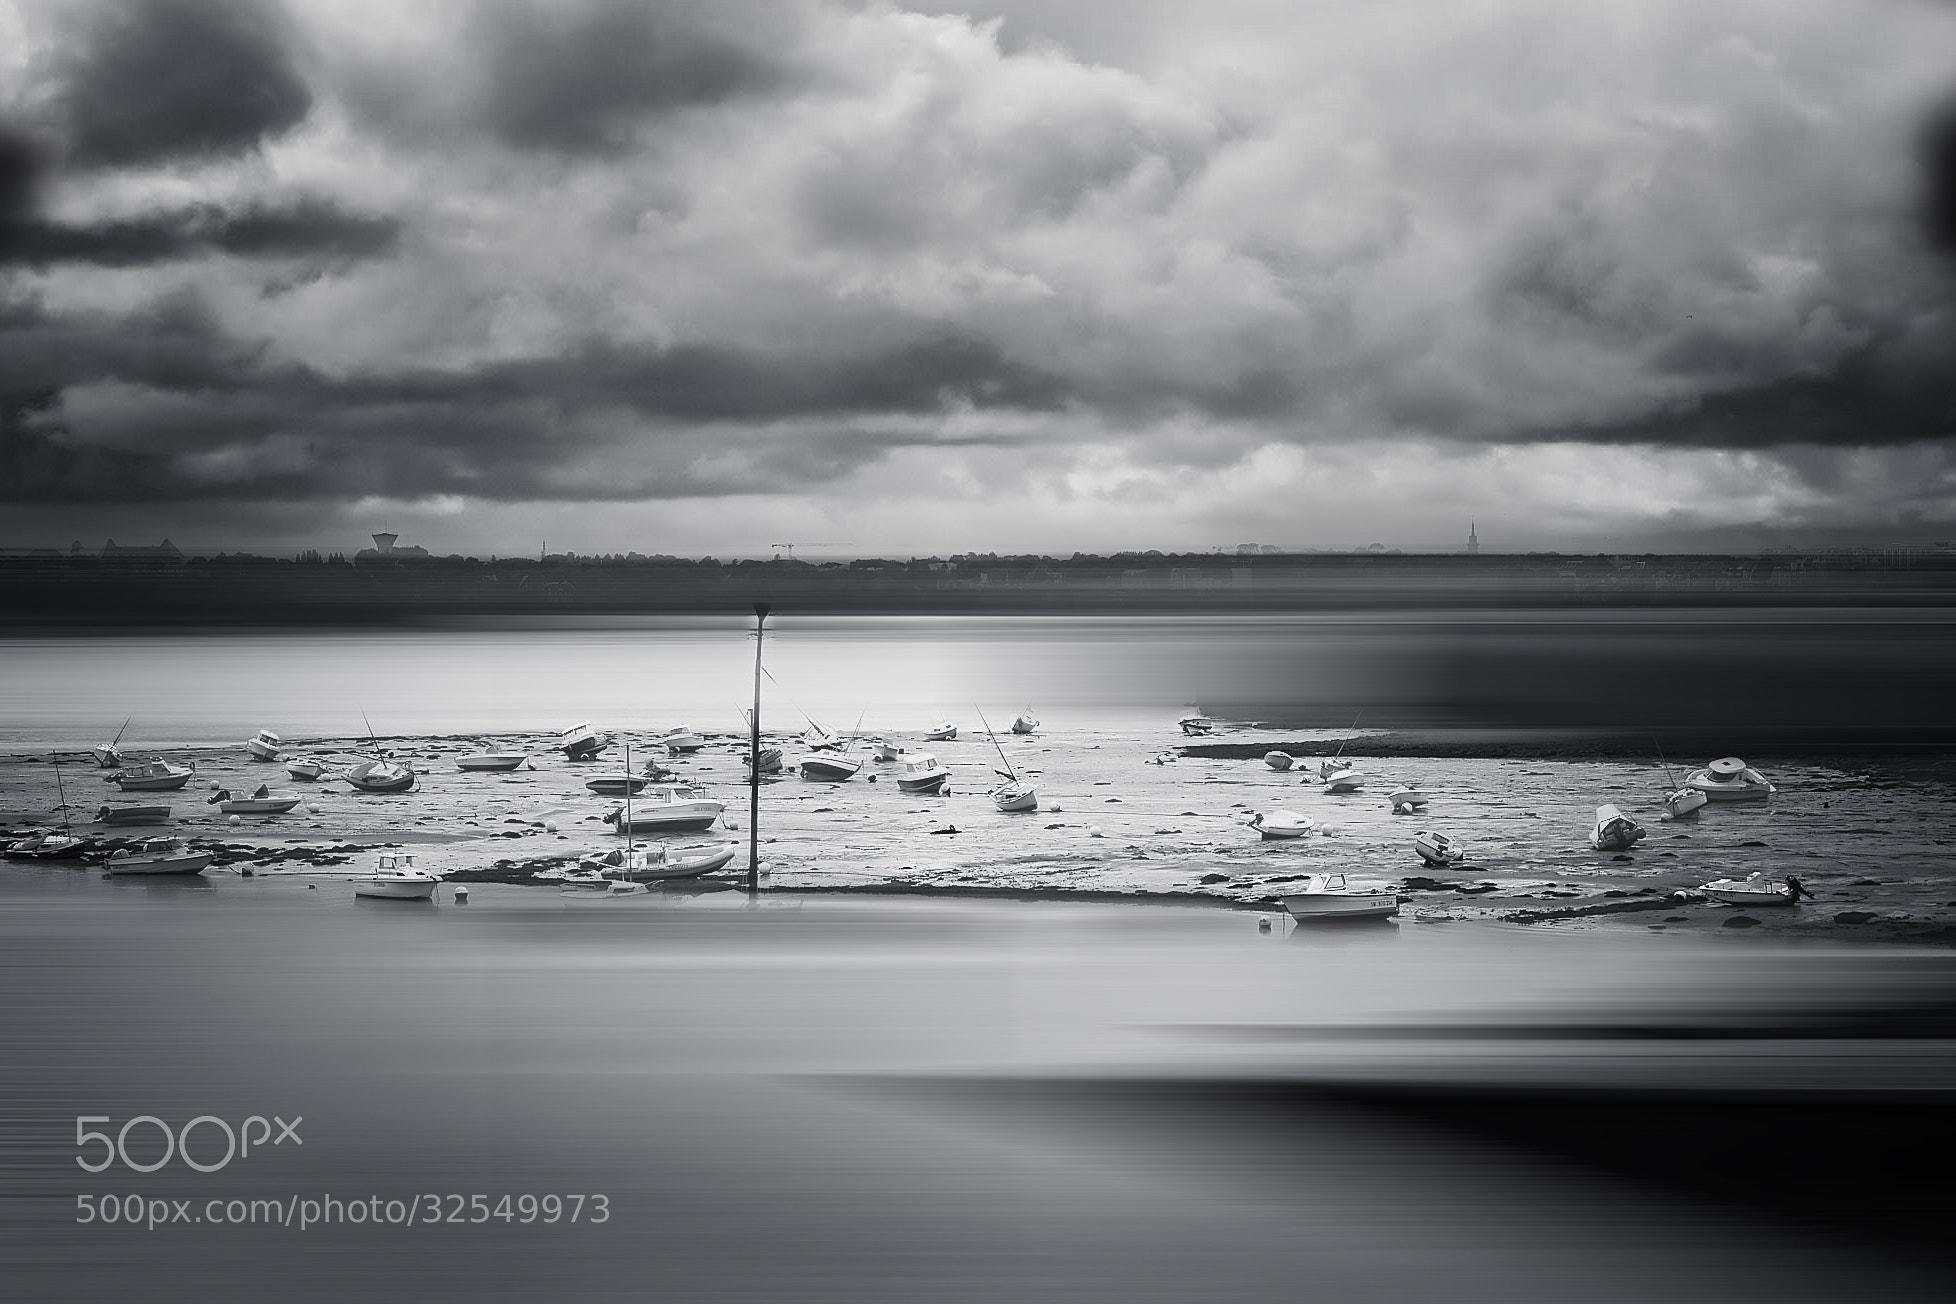 Photograph Le calme avant la tempête by Laurence Penne on 500px